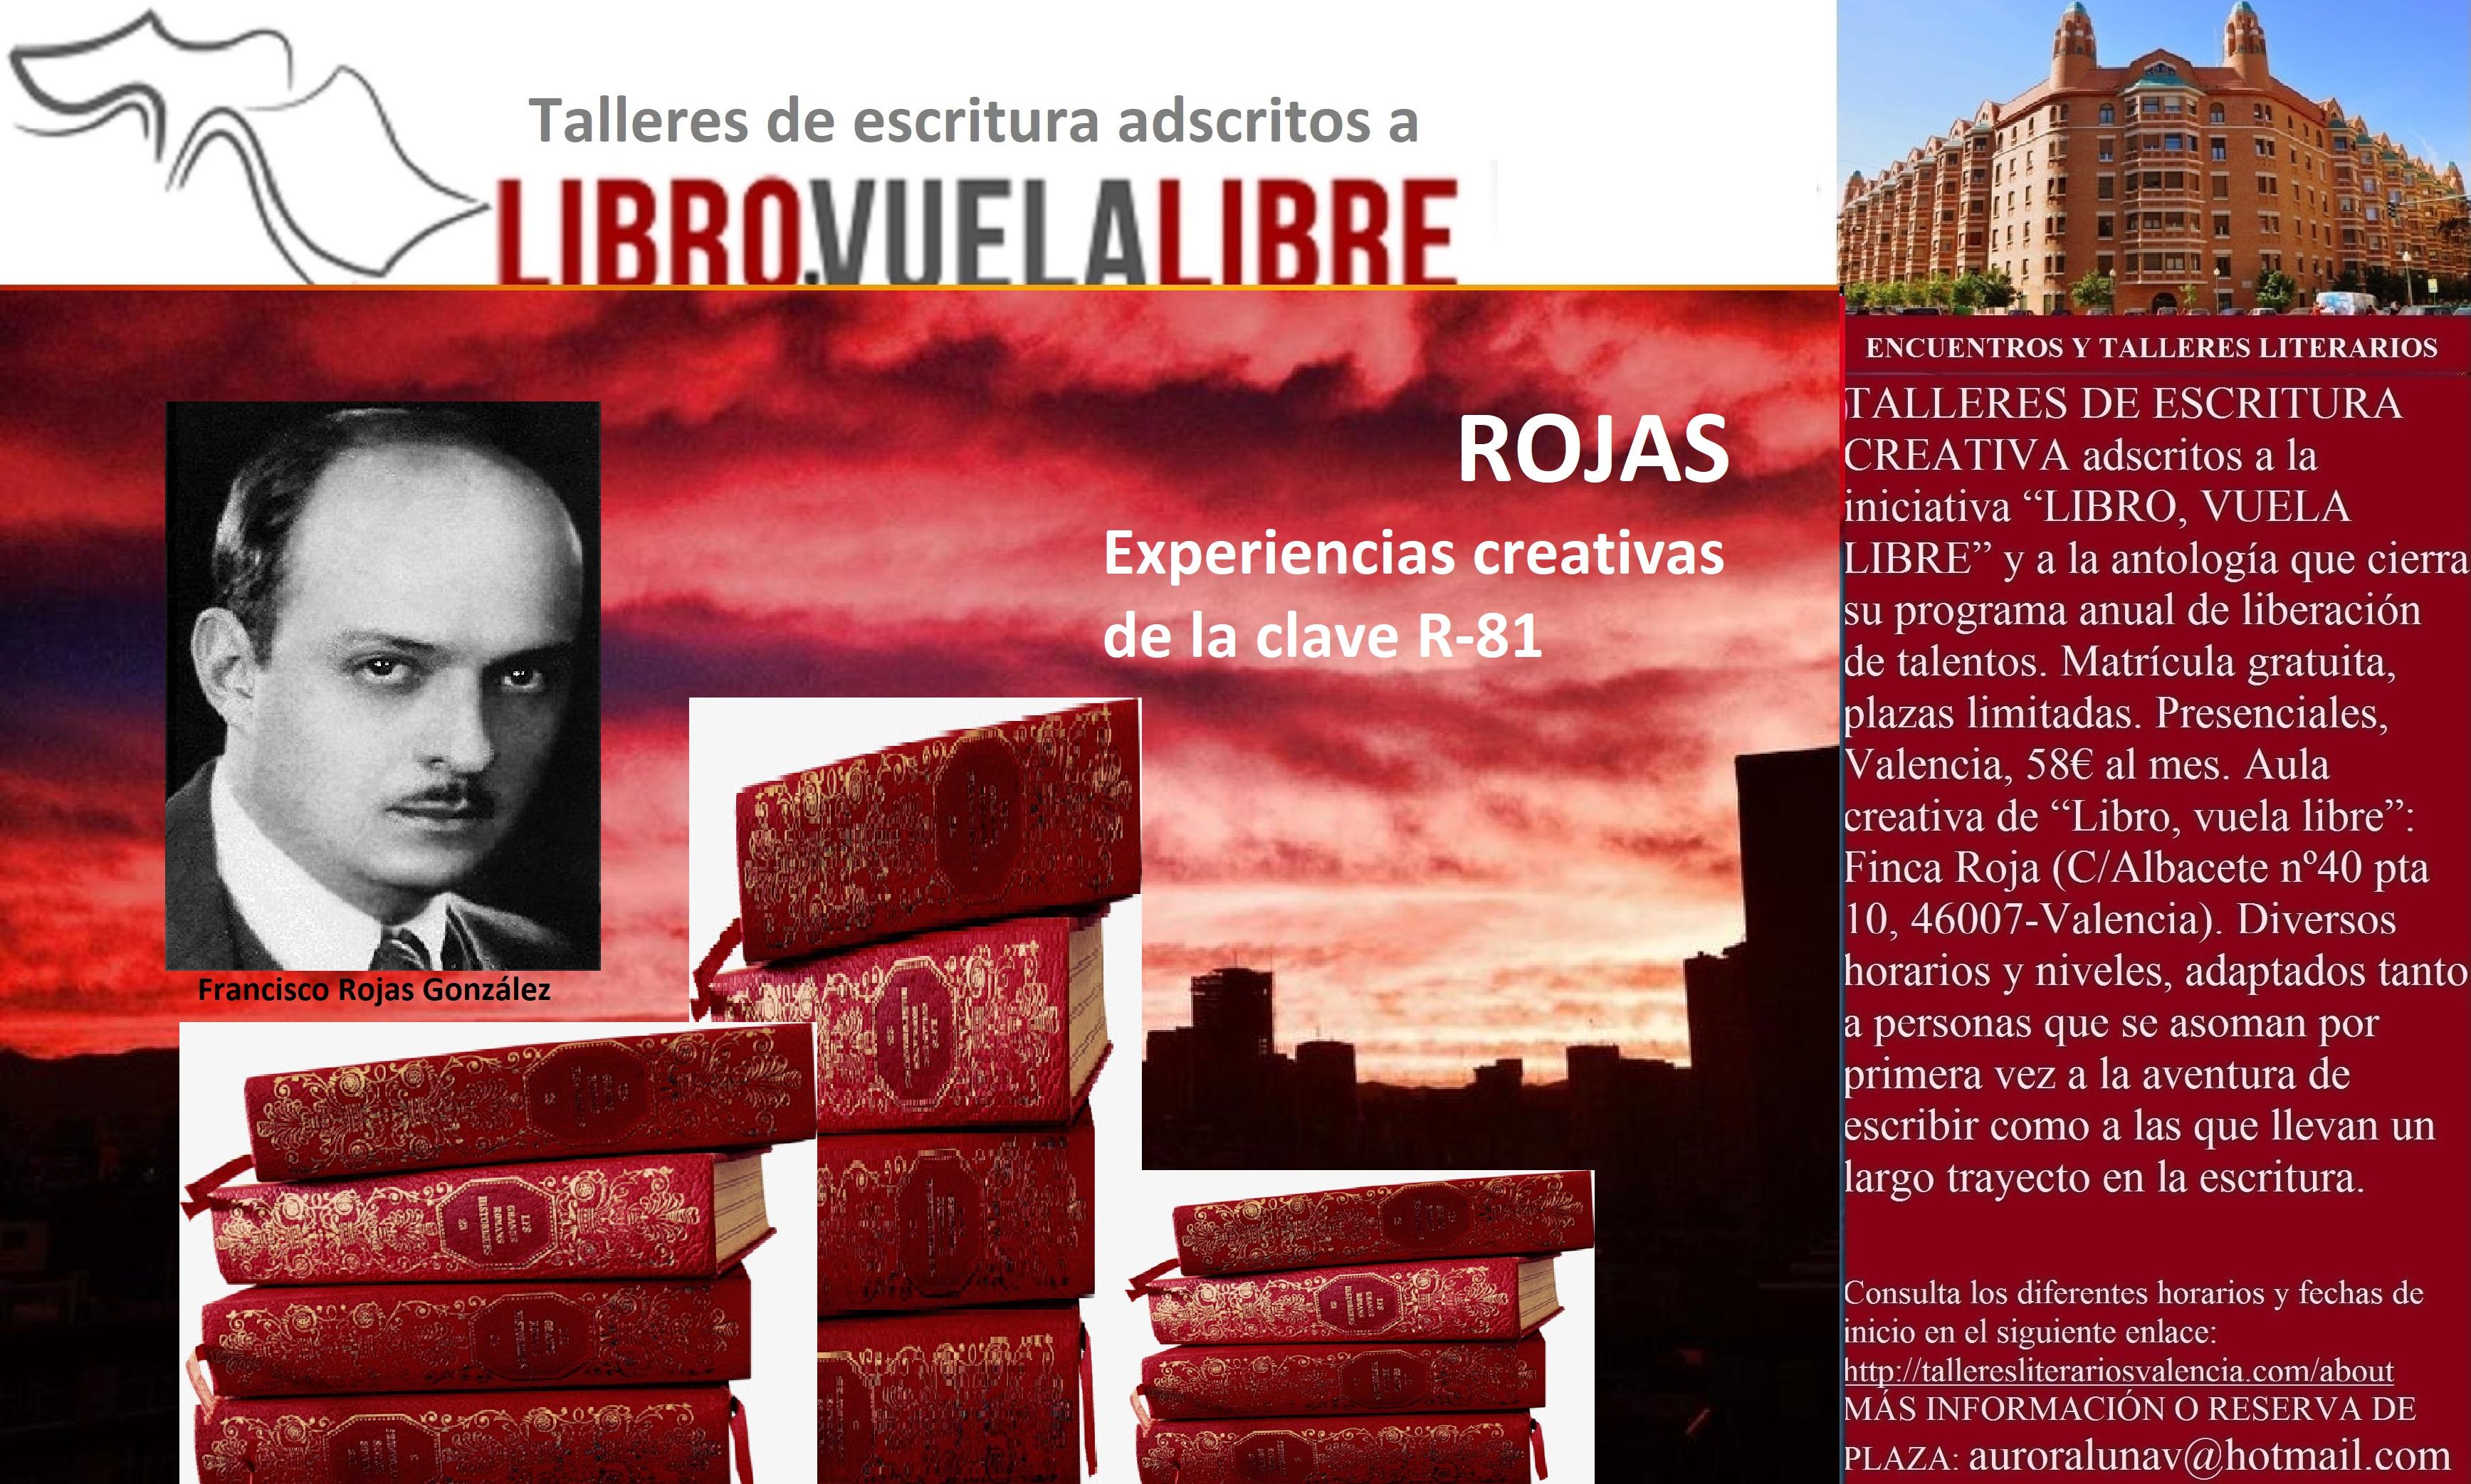 ROJAS. Talleres de escritura en Valencia, clave R-81